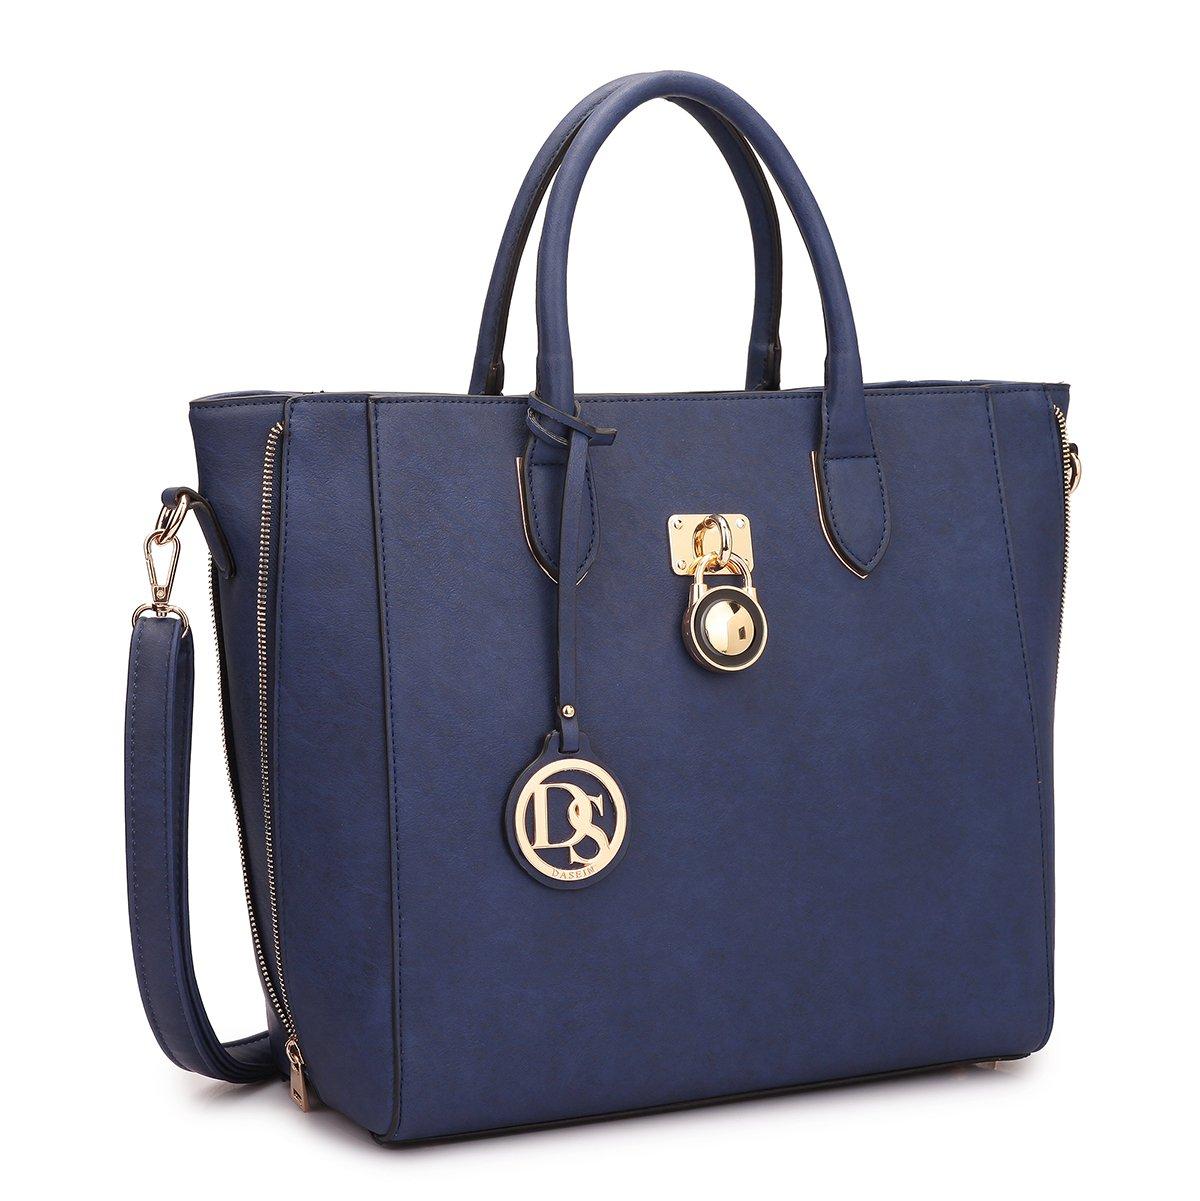 Dasein Women's Top Handle Structured Padlock Tote Bag Satchel Handbag Shoulder Bag With Shoulder Strap (Navy Blue)